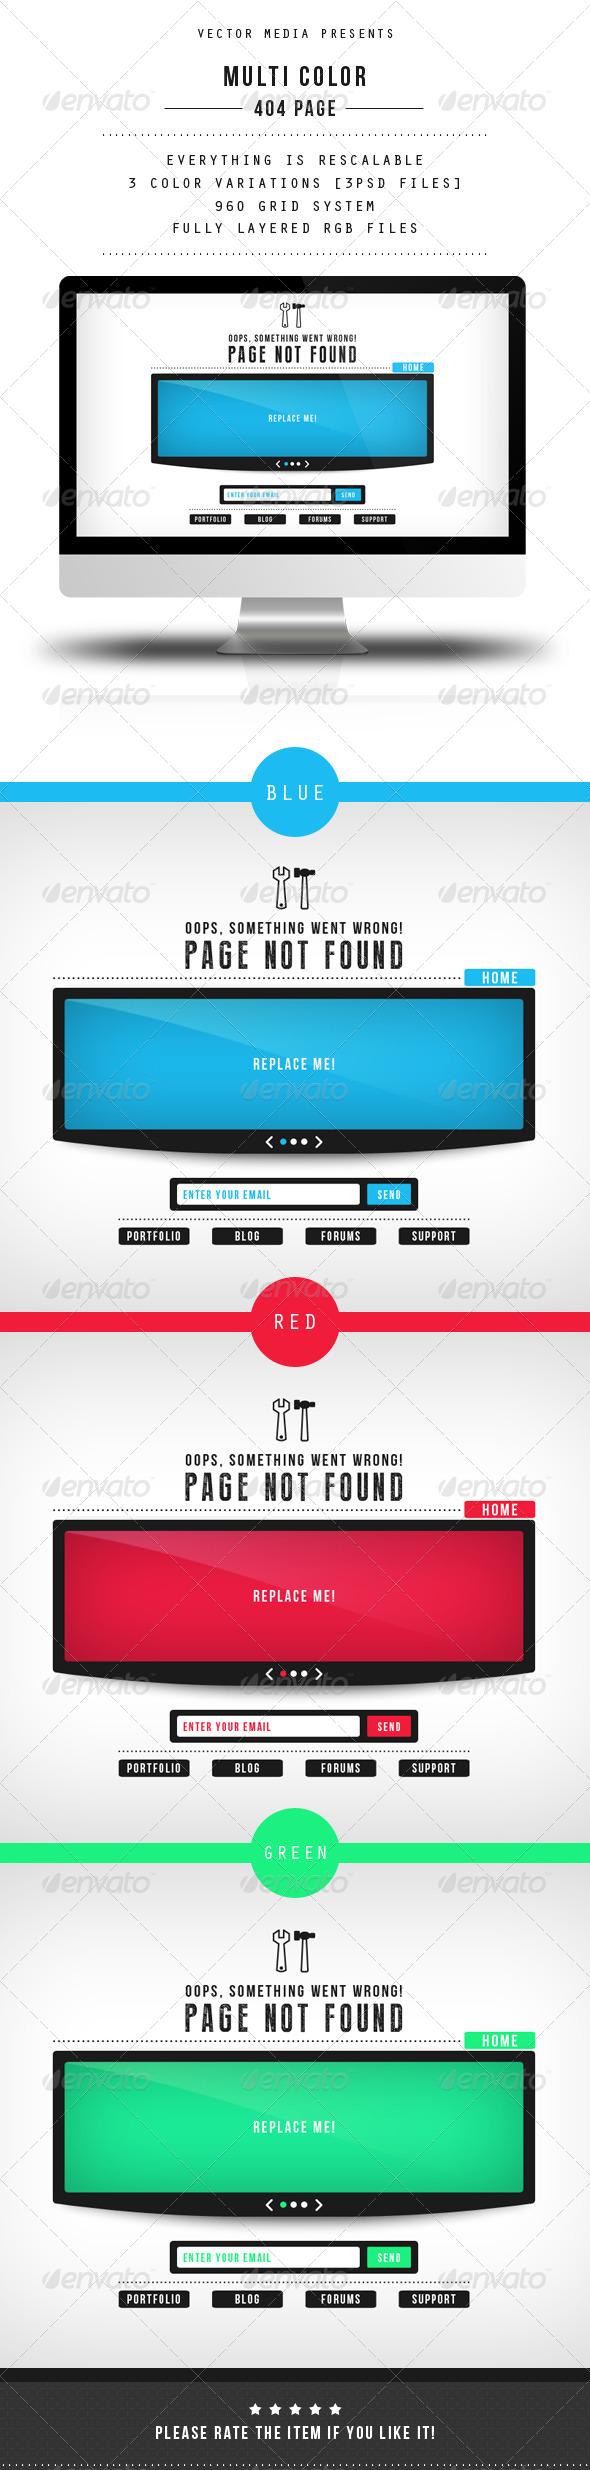 GraphicRiver Multi Color 404 Page 5106505